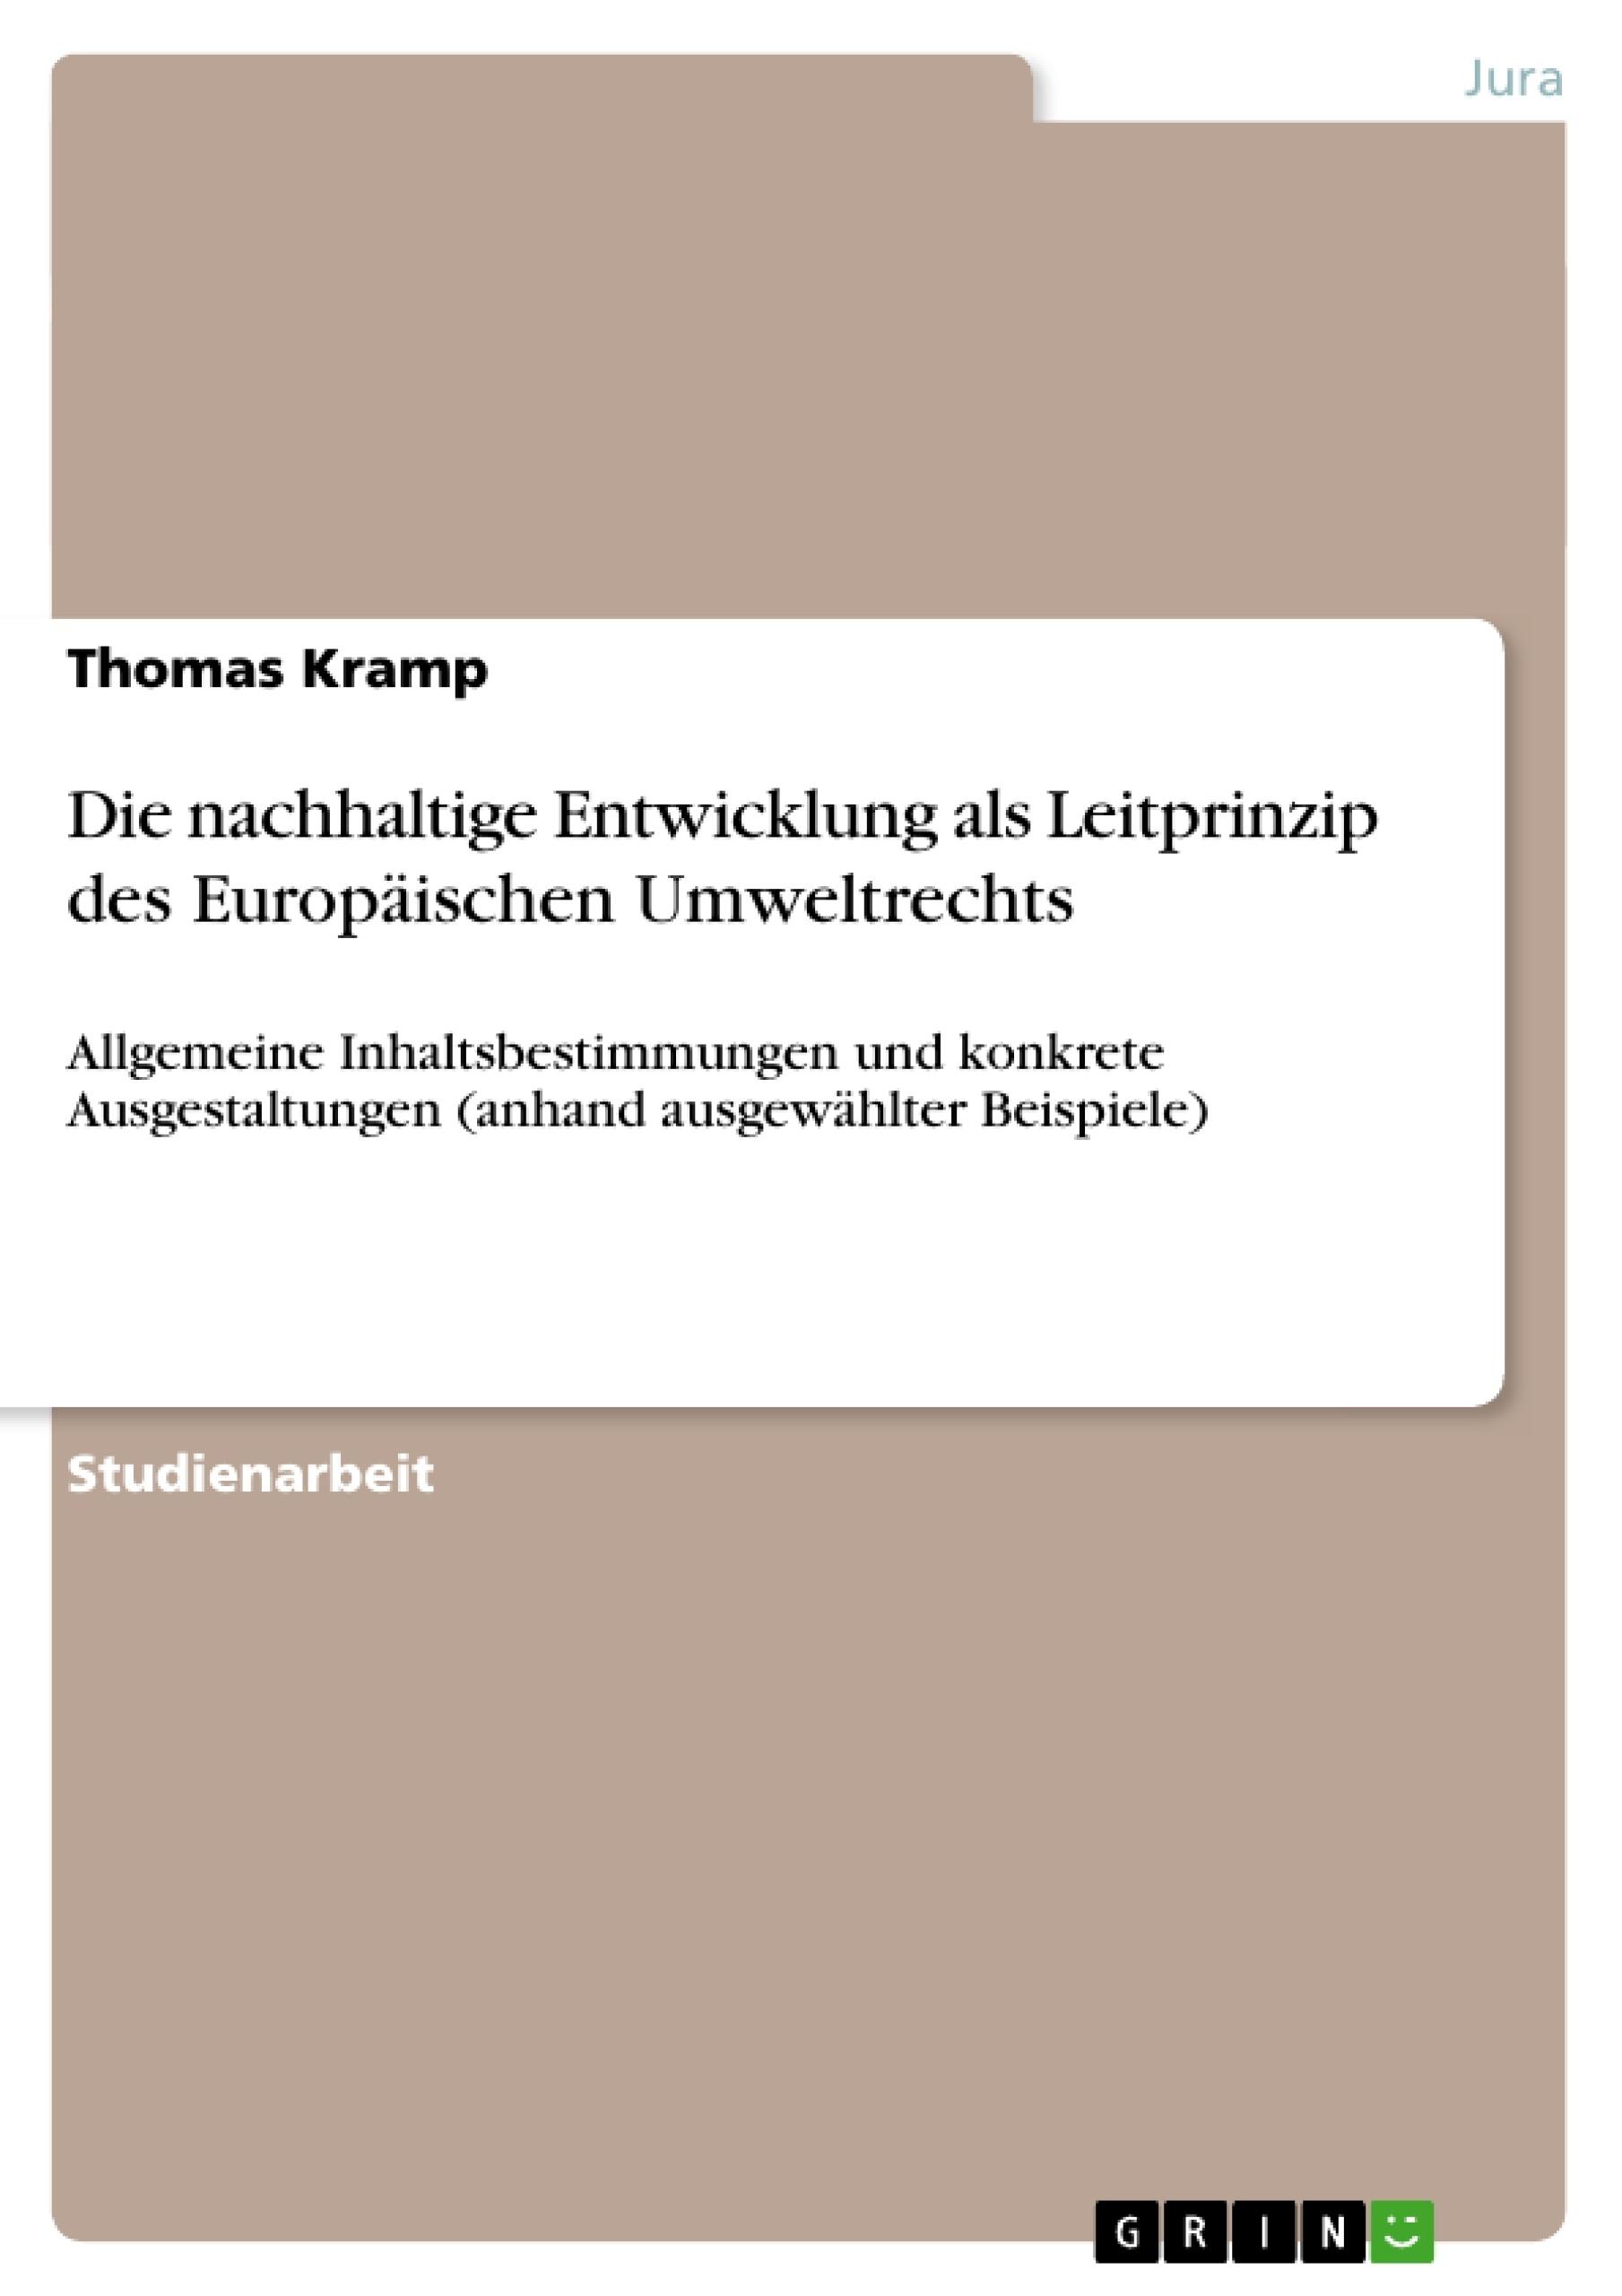 Titel: Die nachhaltige Entwicklung als Leitprinzip des Europäischen Umweltrechts